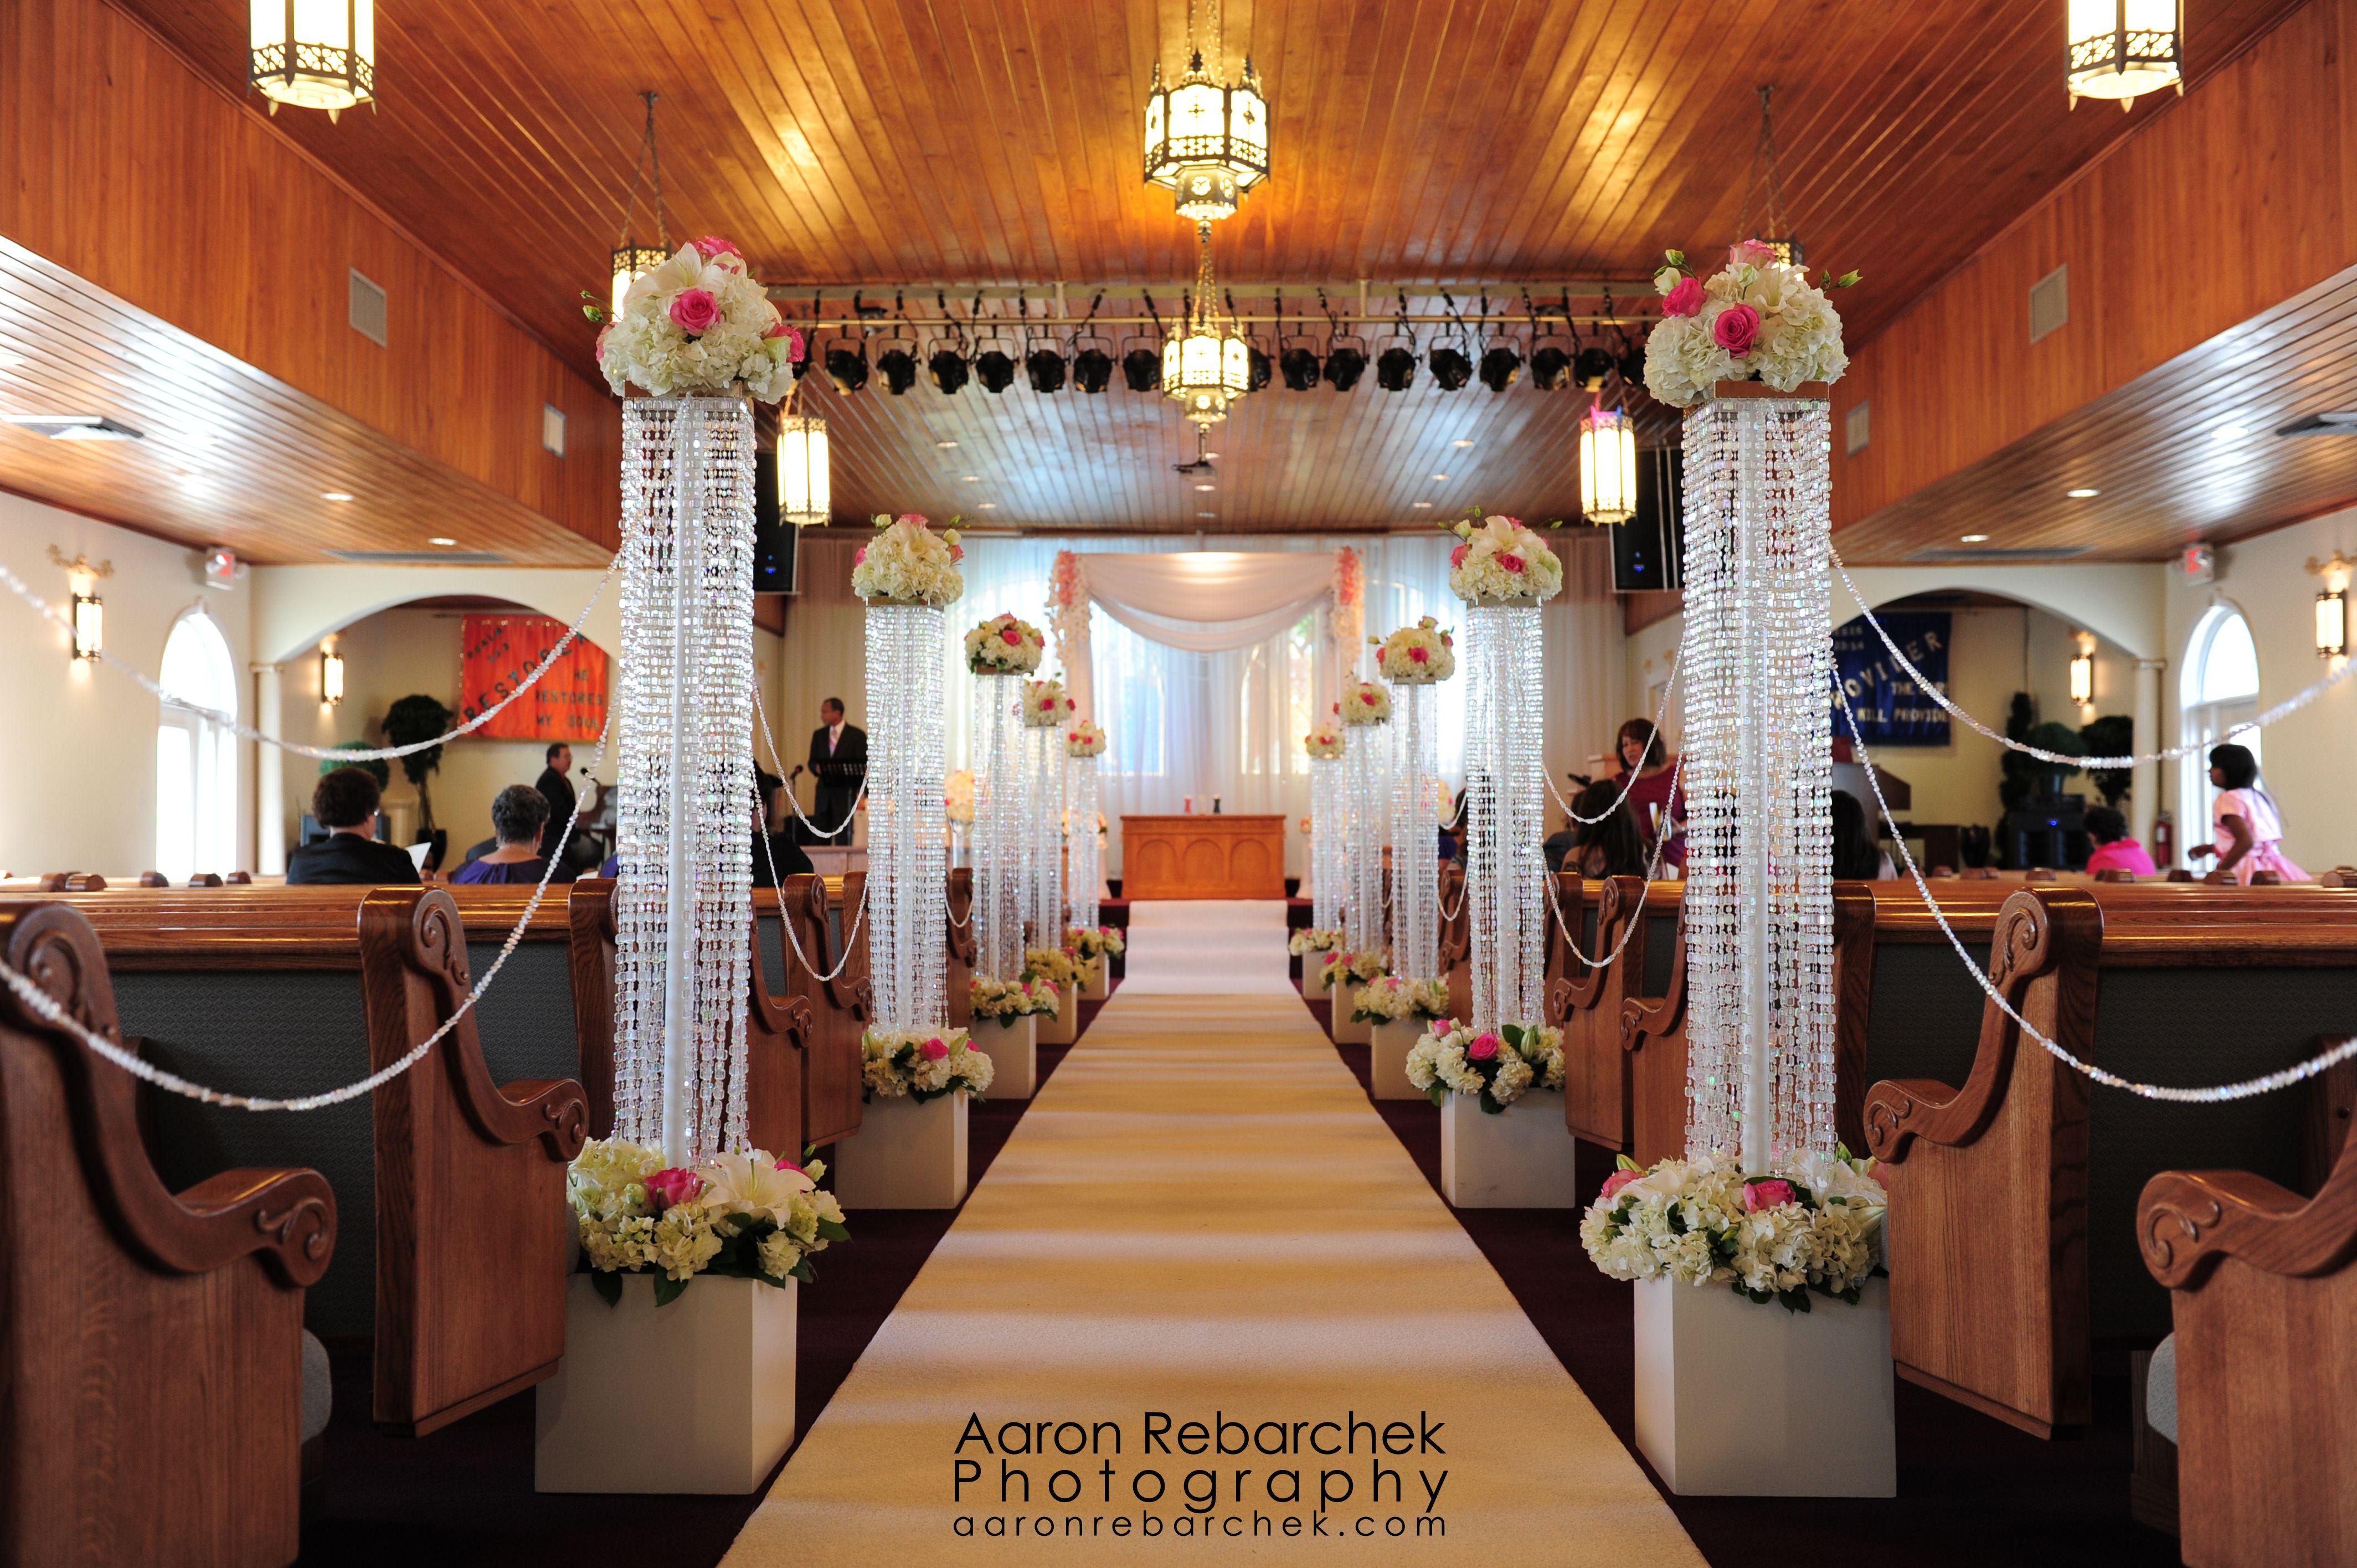 Unique church wedding decoration ideas  Cayman church wedding aisle by Celebrations Ltd  Cayman Weddings